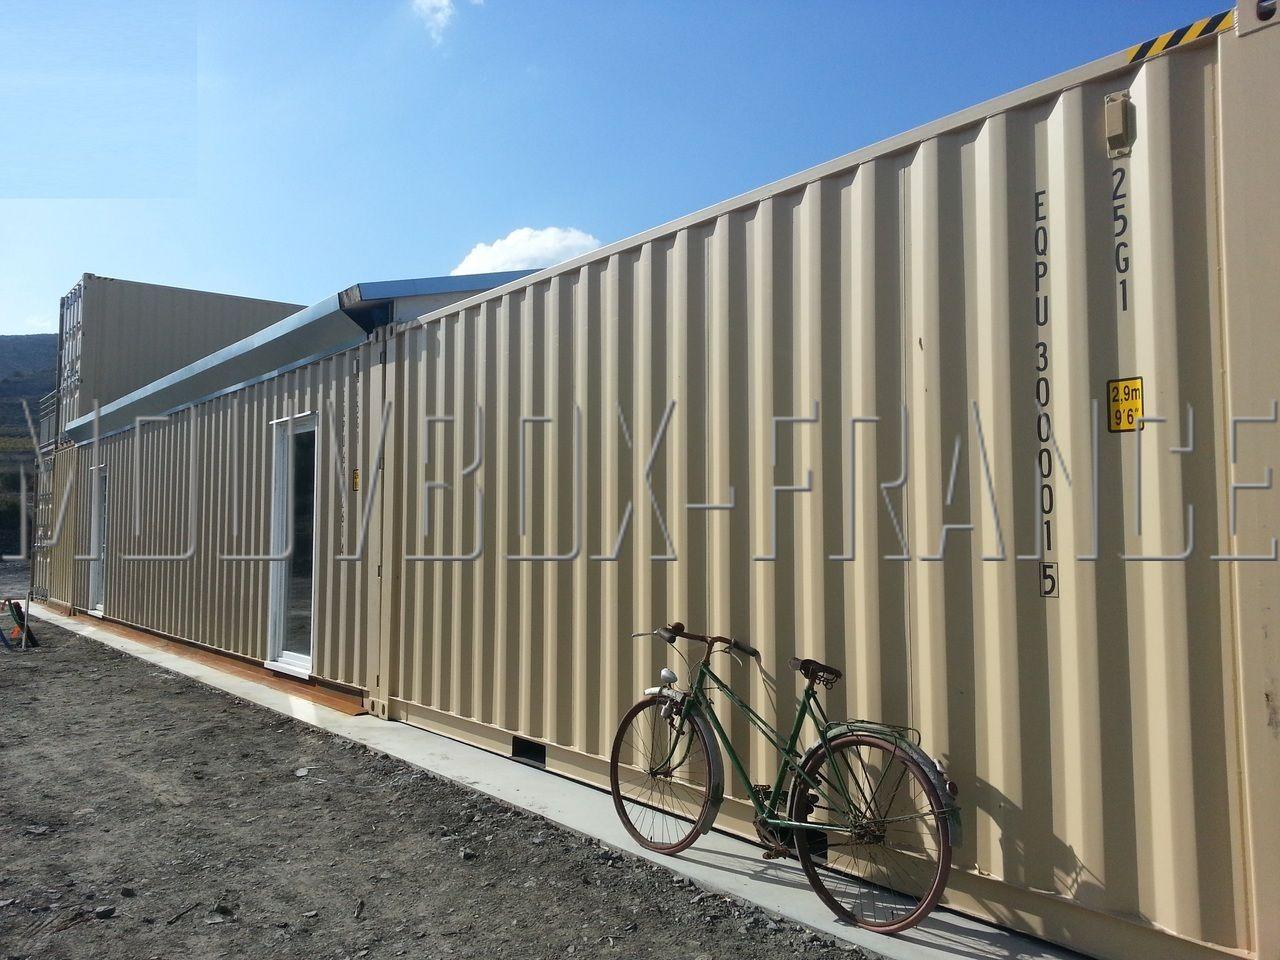 conteneur-container-domaine-amagat-maison-vente-achat-location-mouvbox